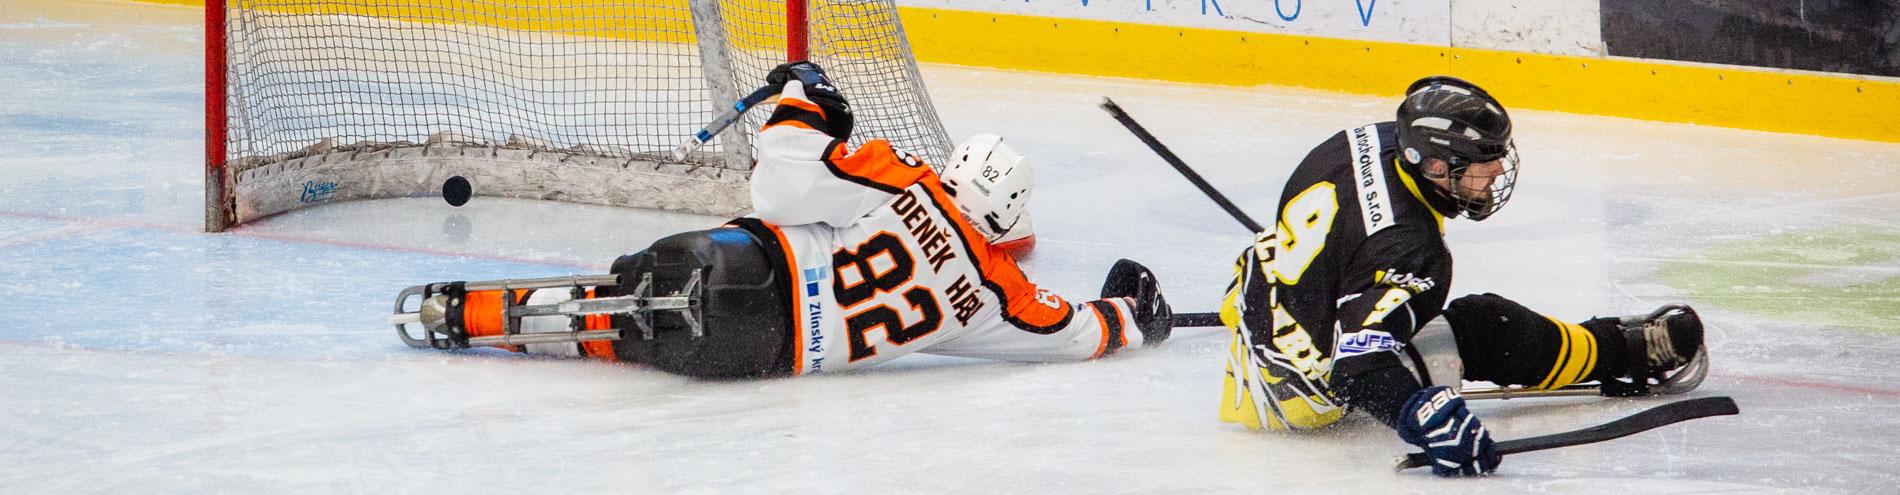 Sledge hokejiste se válí na ledě.